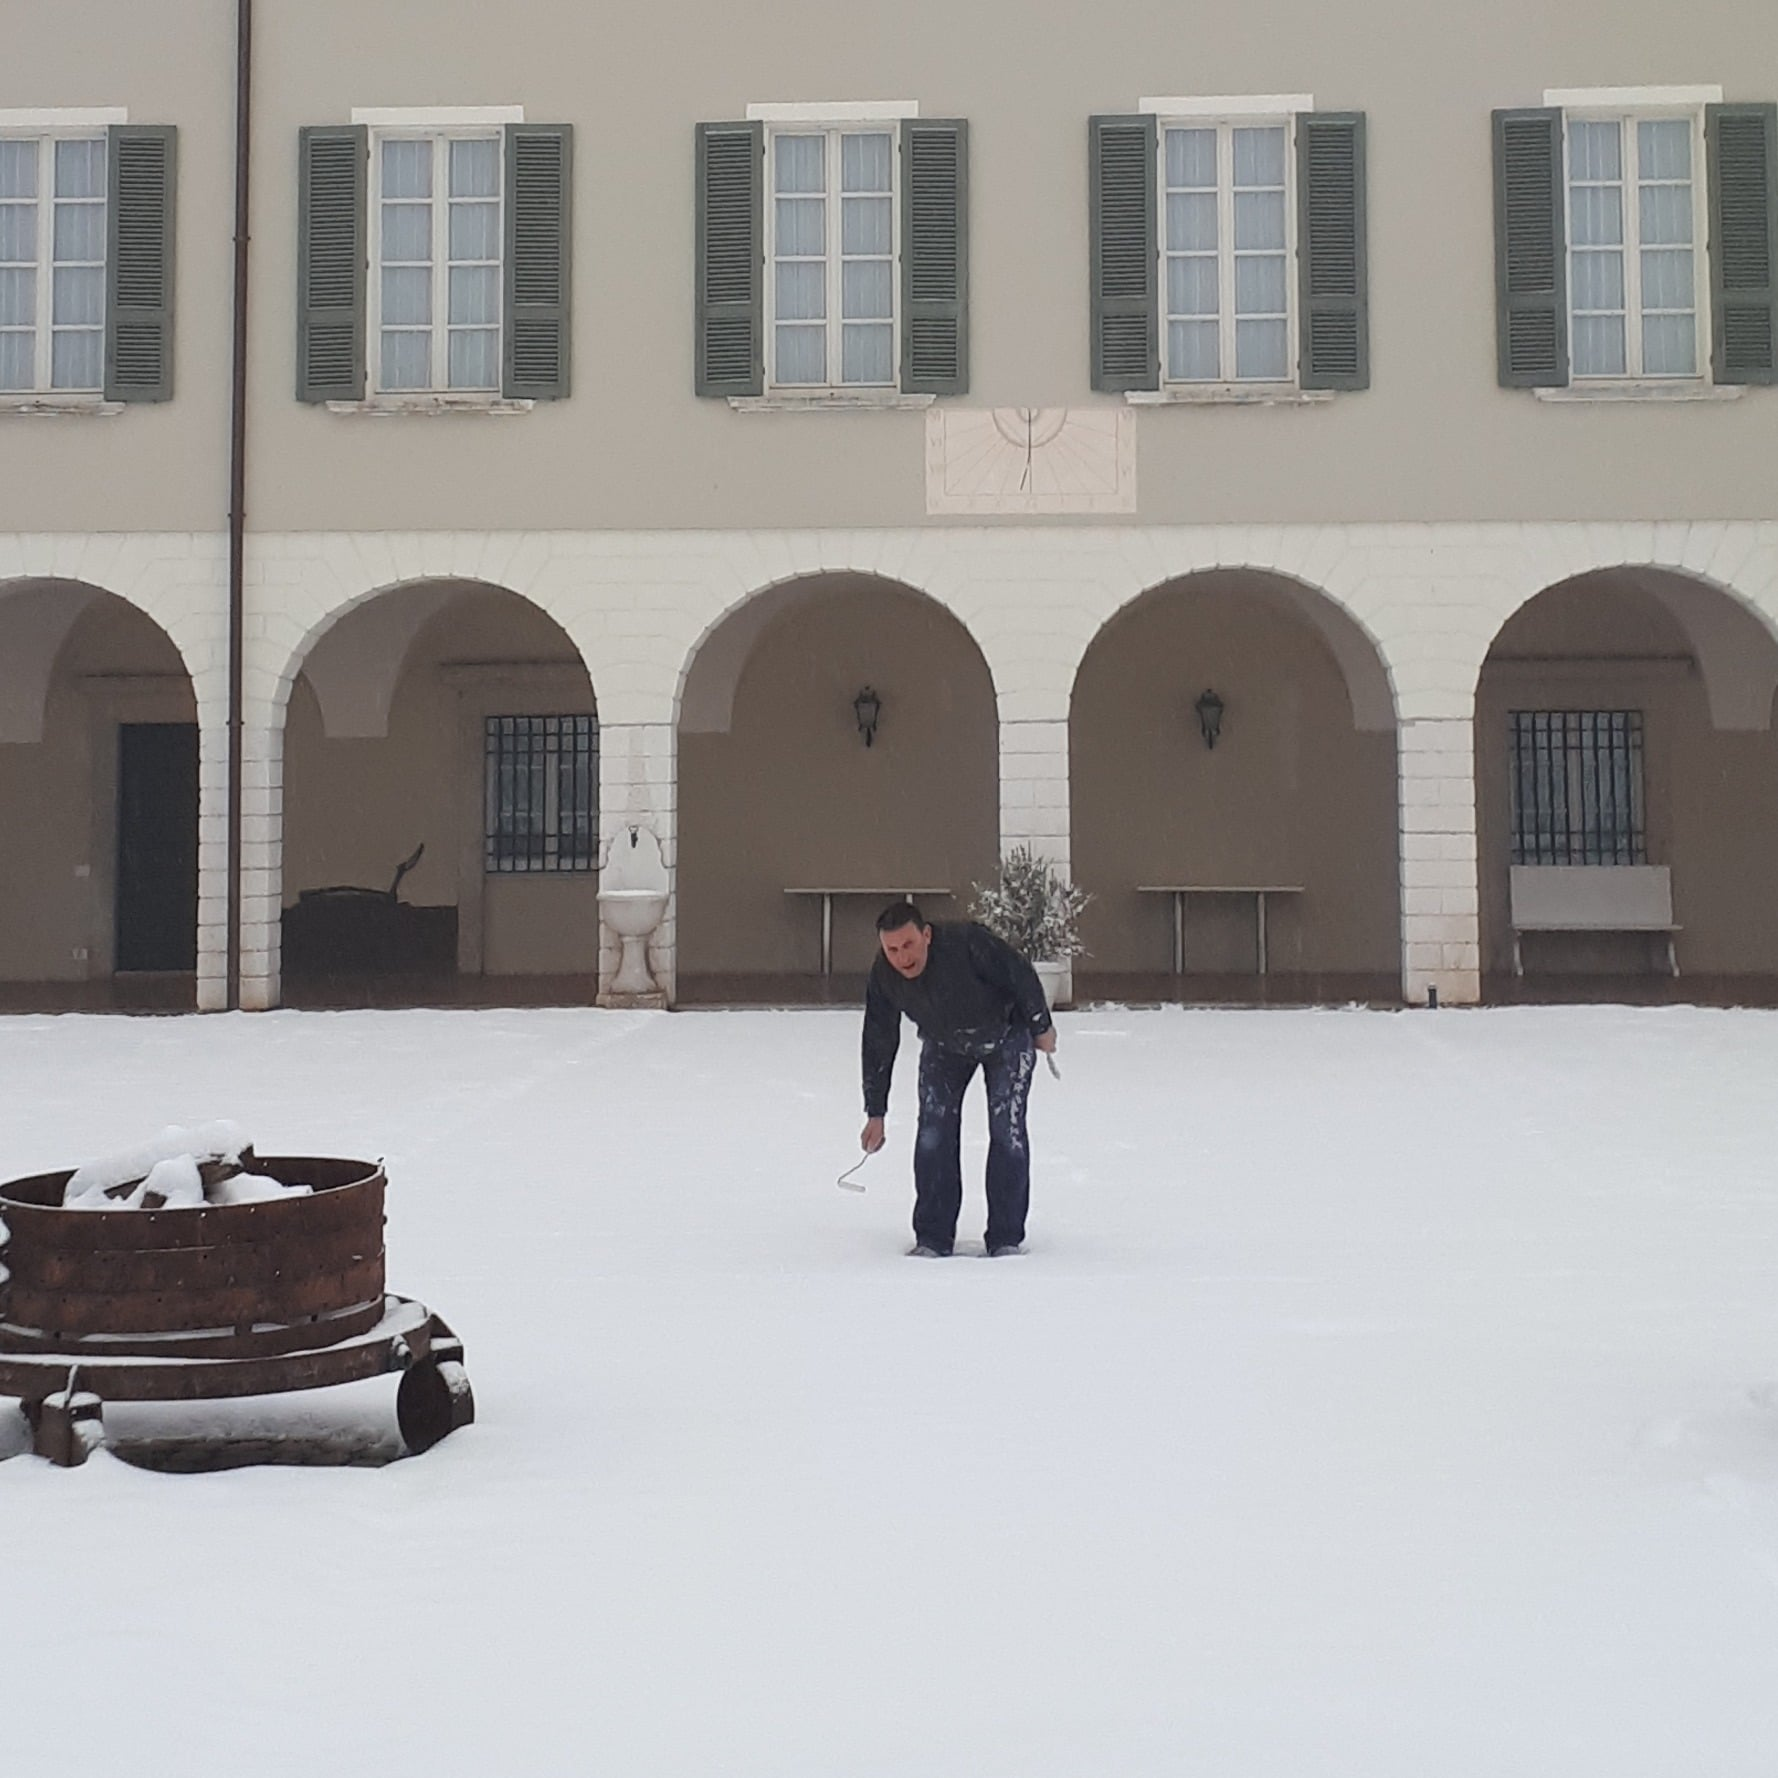 Riparare Piatto Doccia In Resina.I Migliori 20 Riparatori Di Piatti Doccia A Brescia Con Preventivi